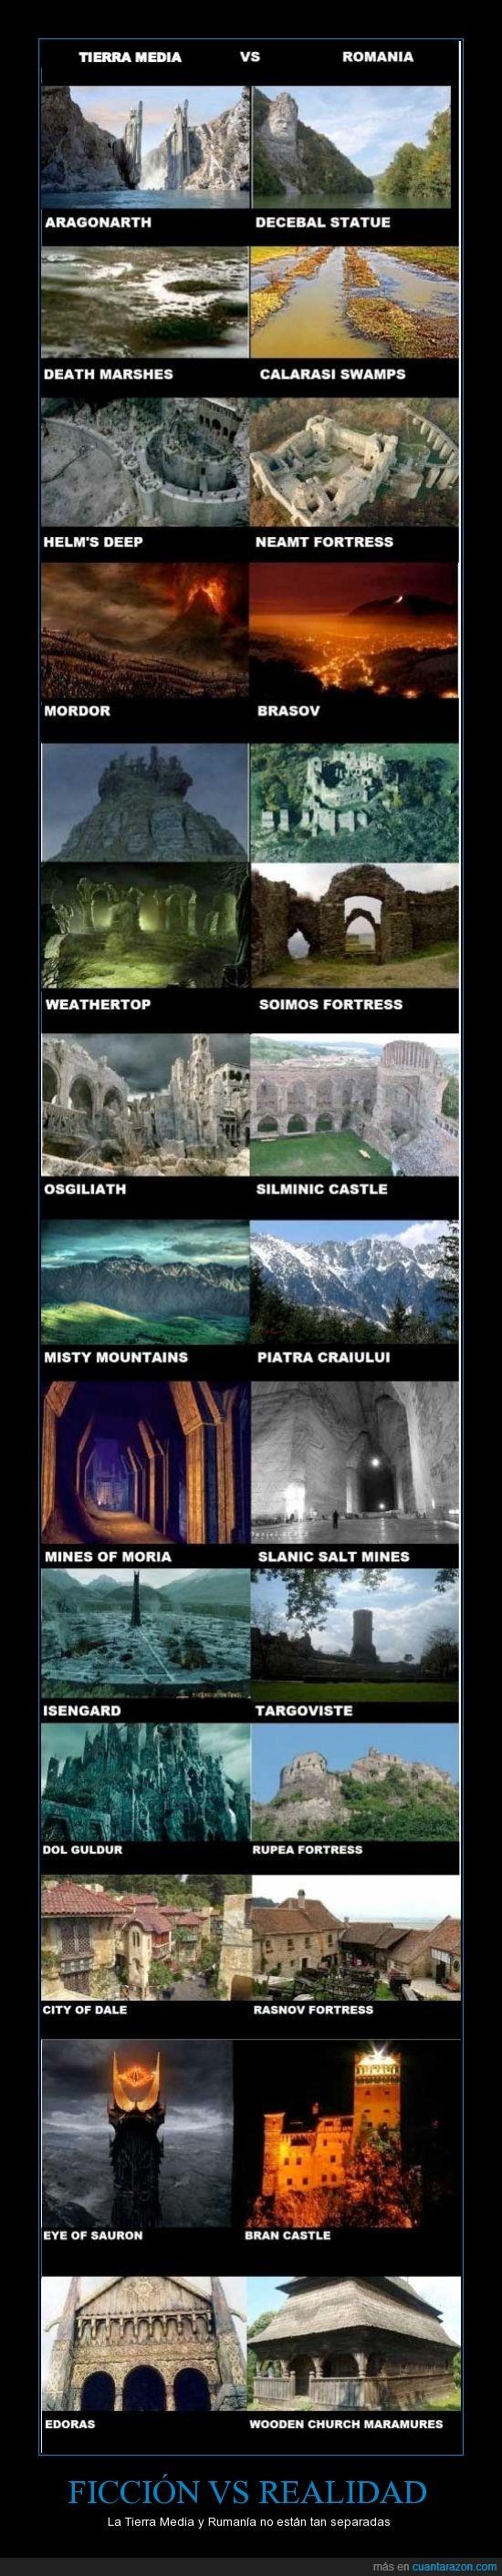 el señor de los anillos,mordor,realidad,rumanía,sauron,tierra media